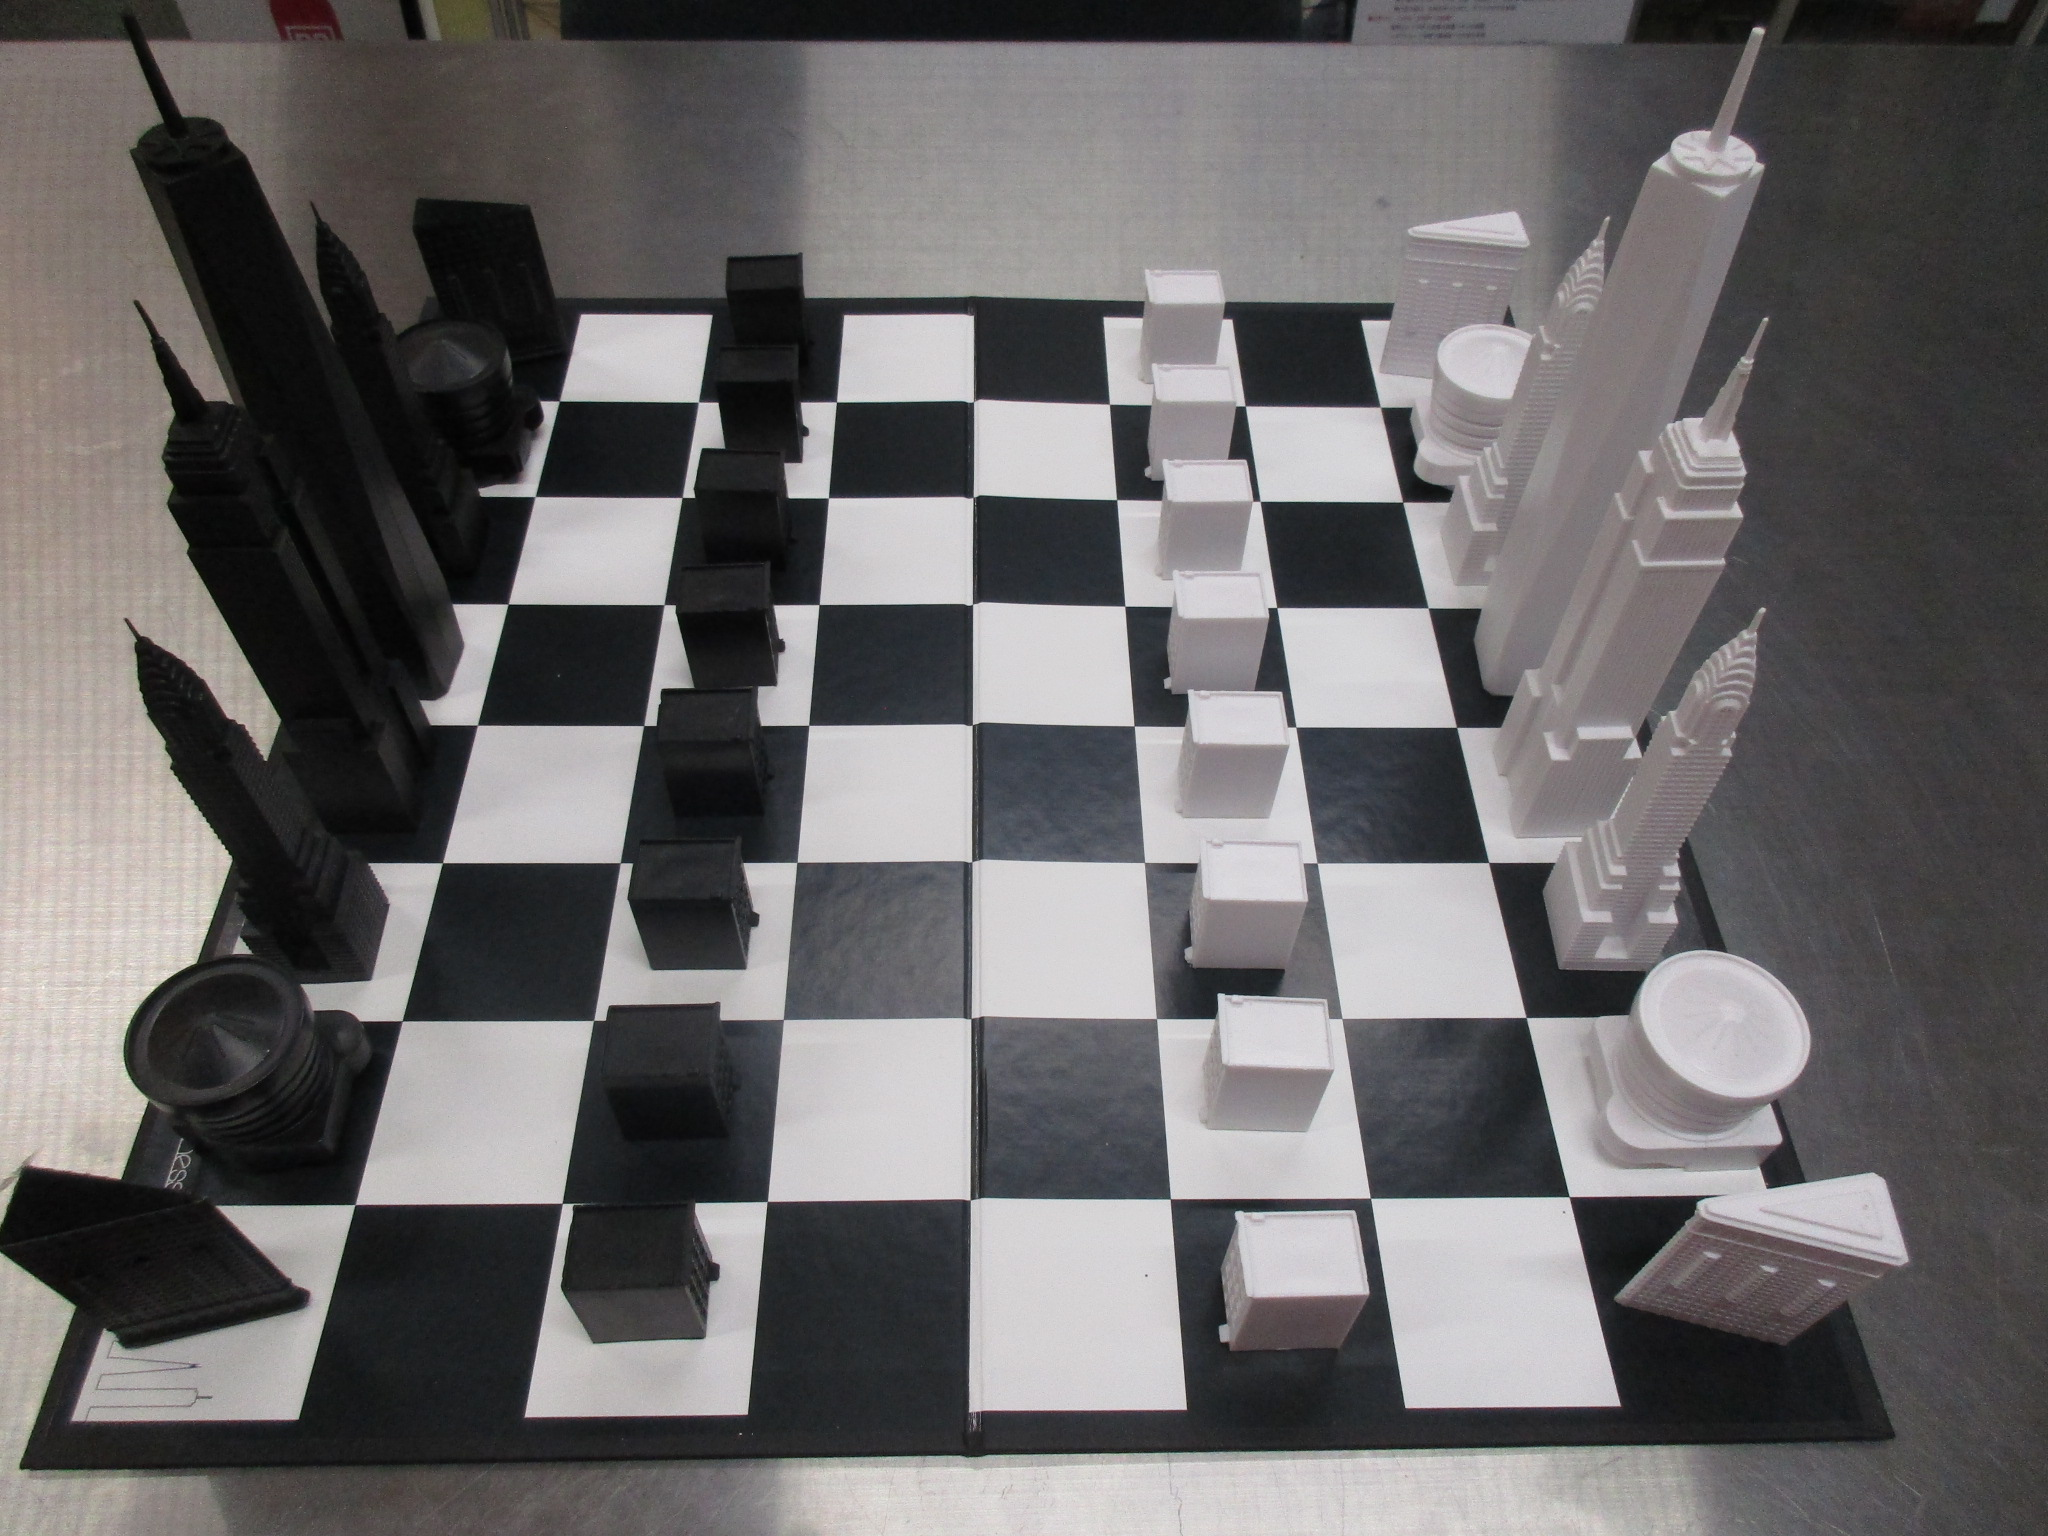 210216 Skyline Chess(スカイラインチェス)